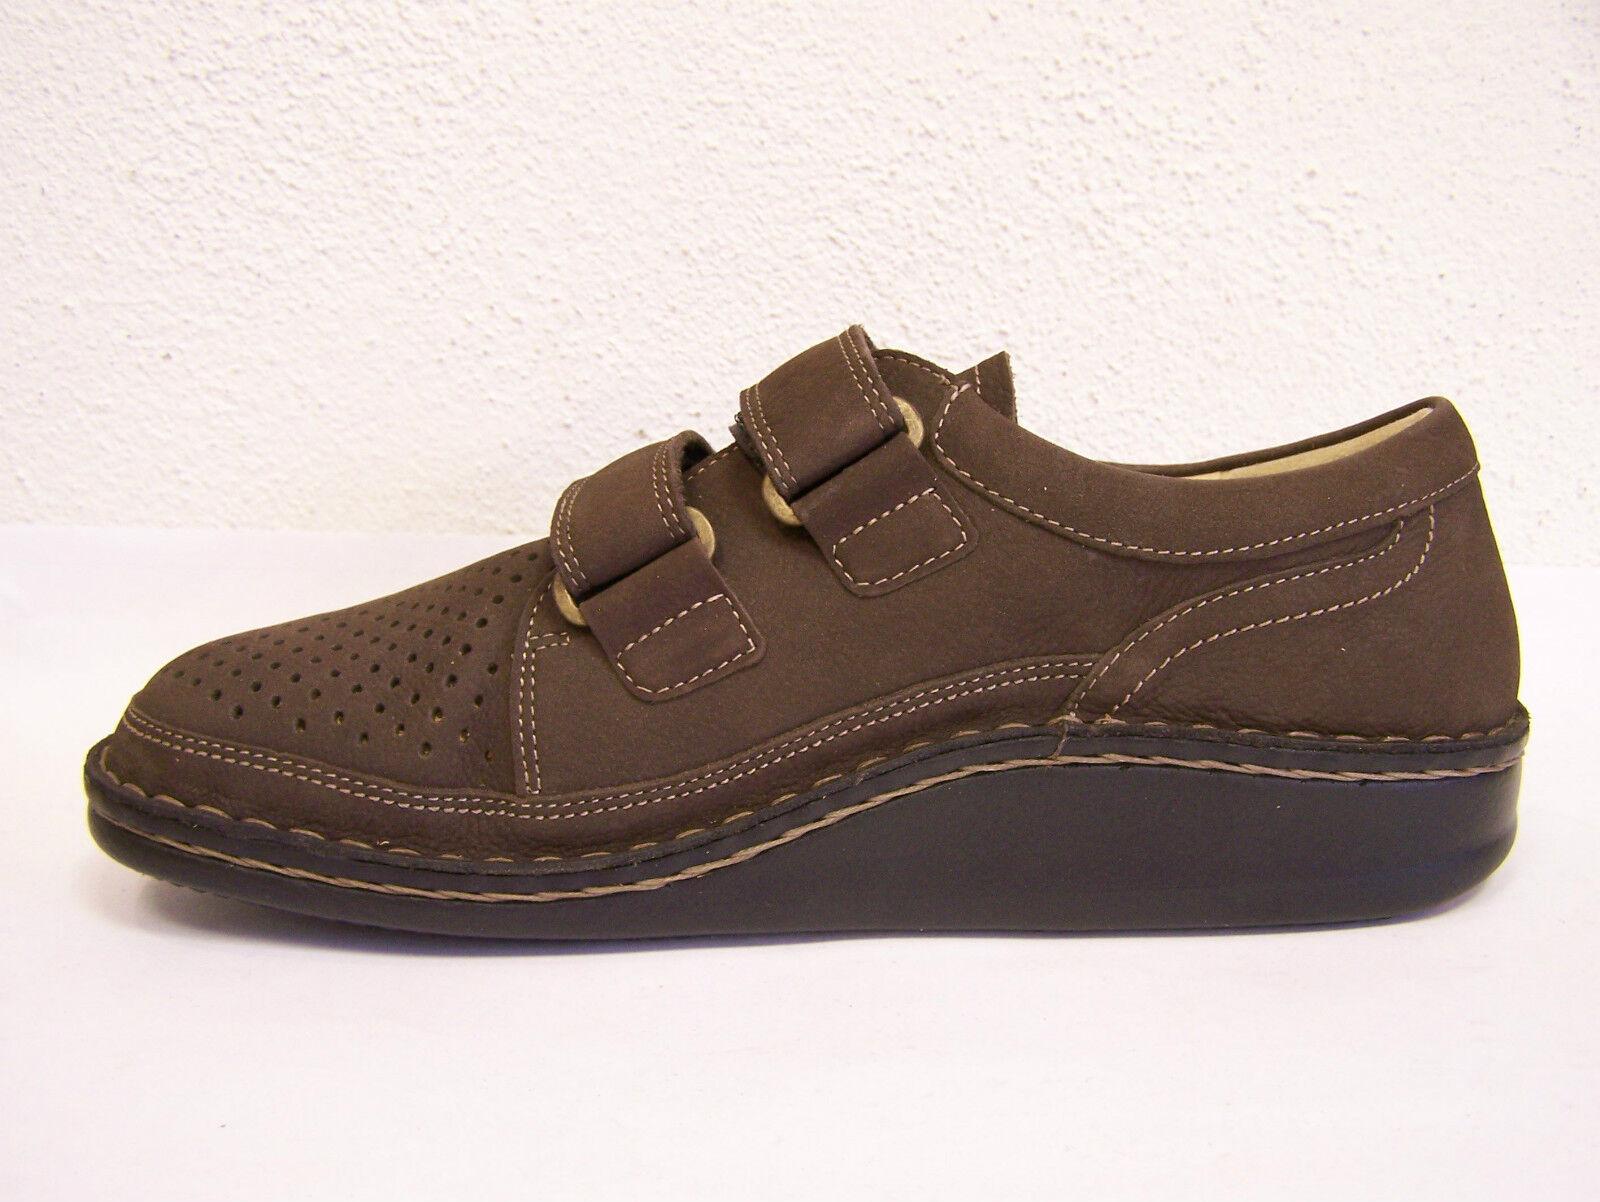 Finn Finn Finn Comfort Schuhe mit Lederfutter Modell Tanger braun Kaffee & Klettverschluß bab9b0